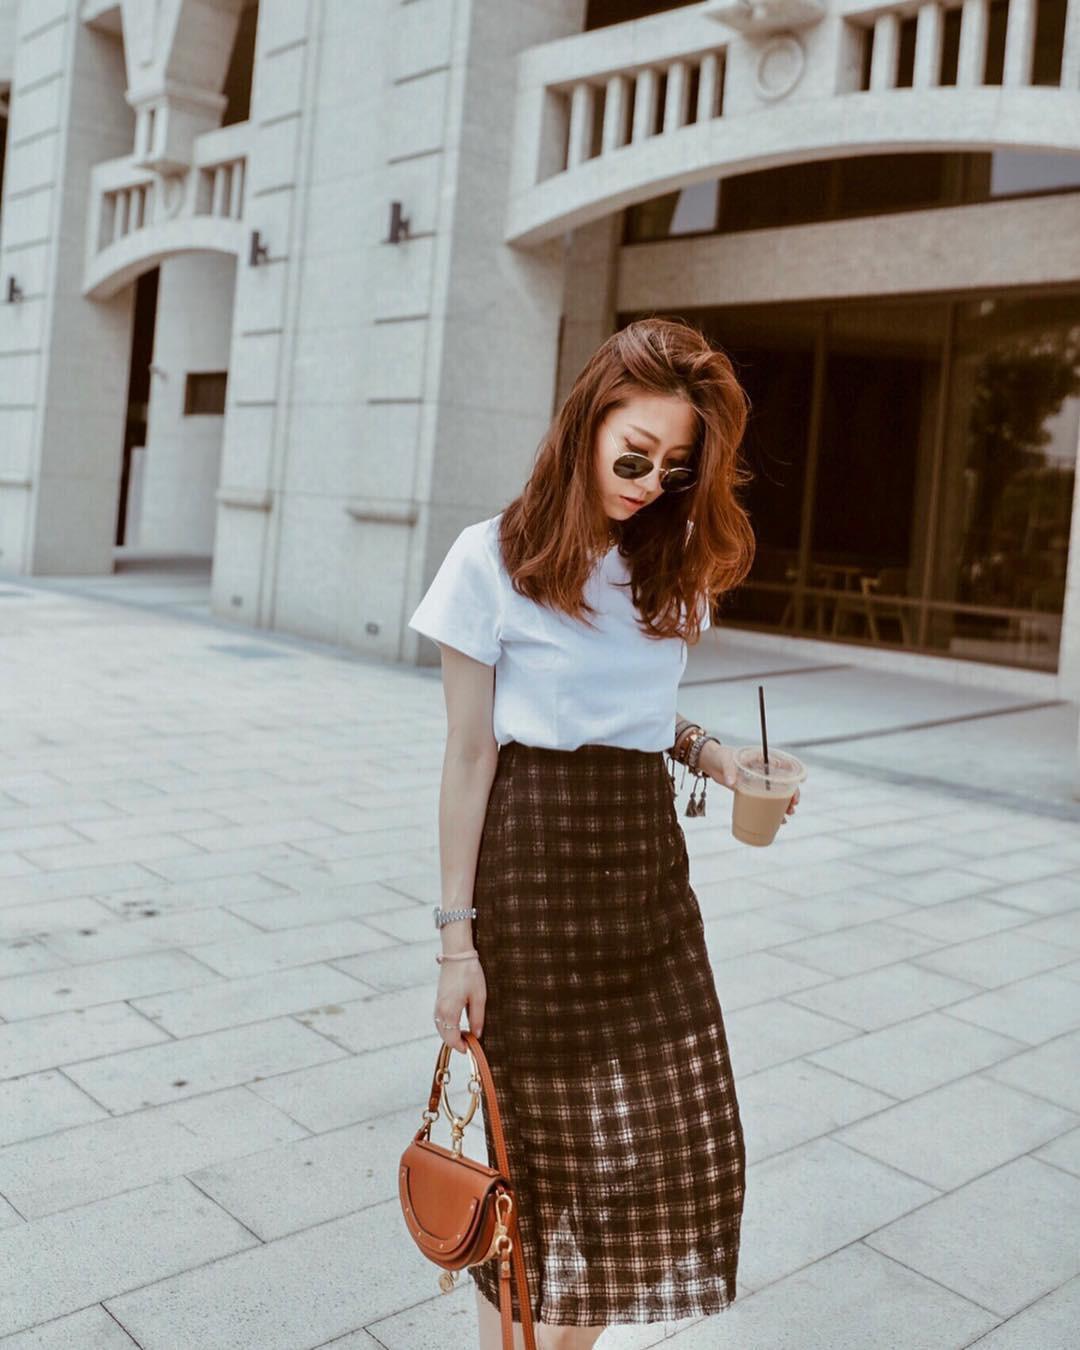 6 items thời trang các quý cô ngoài 30 tuổi cần có để thật xinh đẹp và cuốn hút trong mọi hoàn cảnh - Ảnh 3.